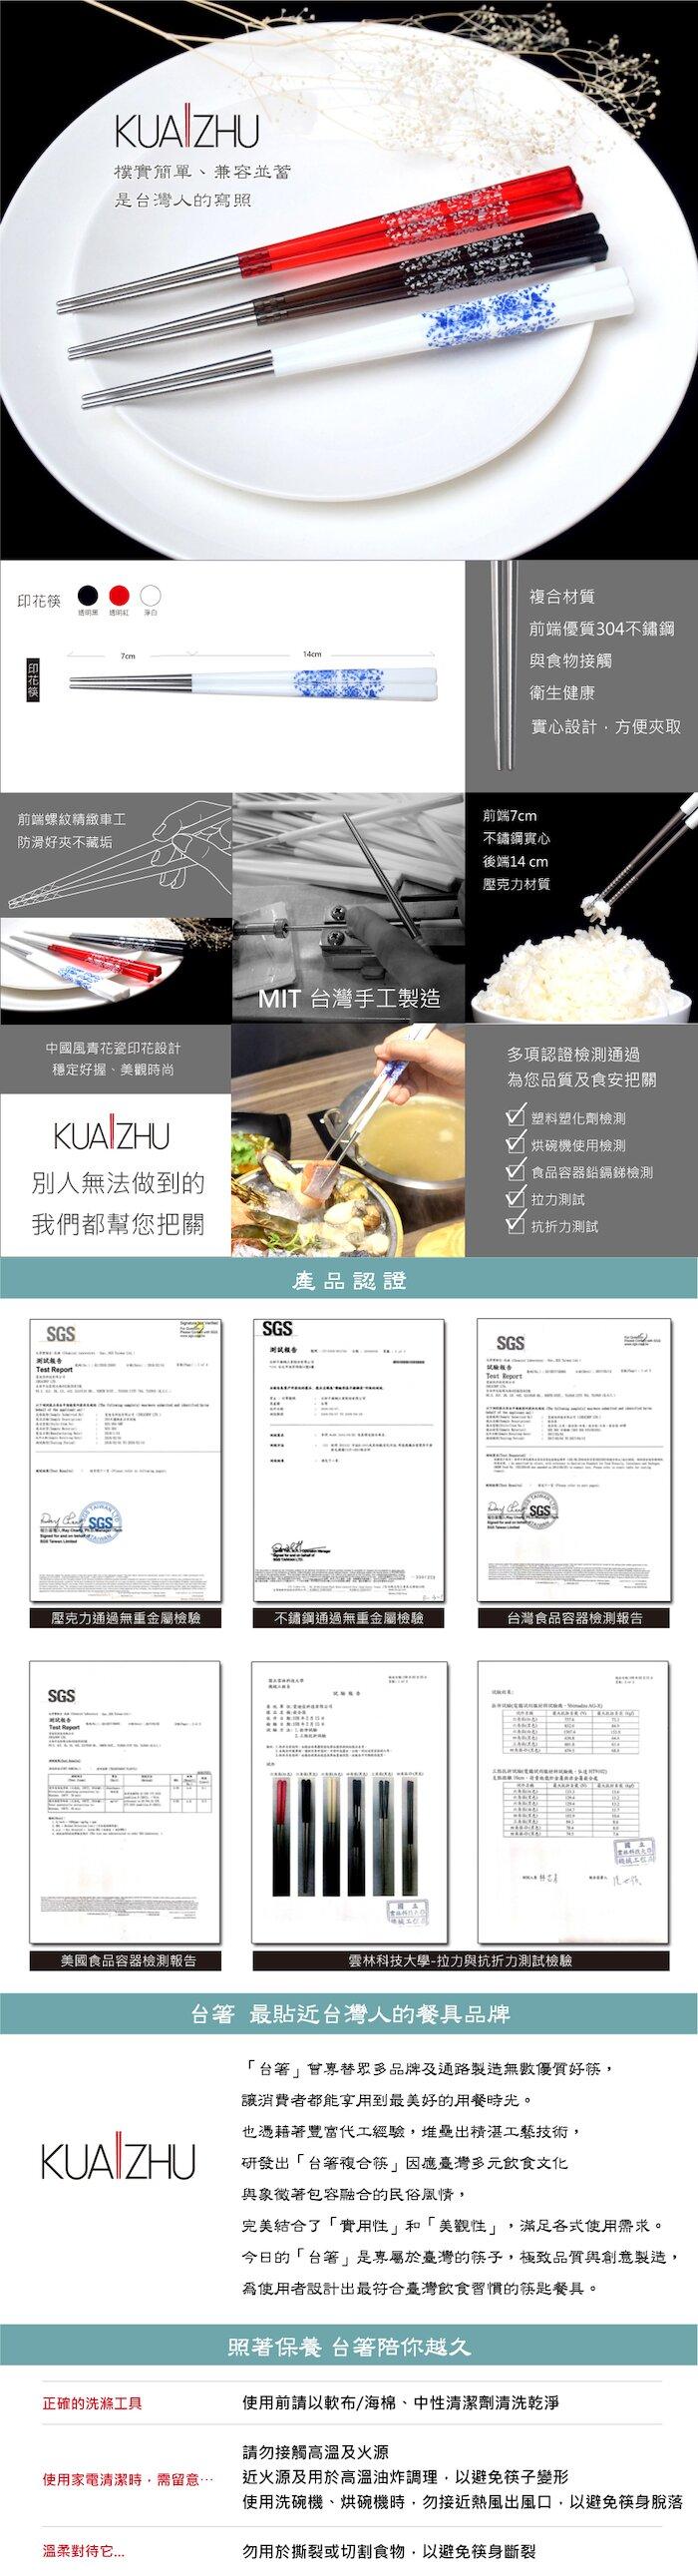 台箸【KUAI ZHU】青花瓷系列射包筷單入-透明黑